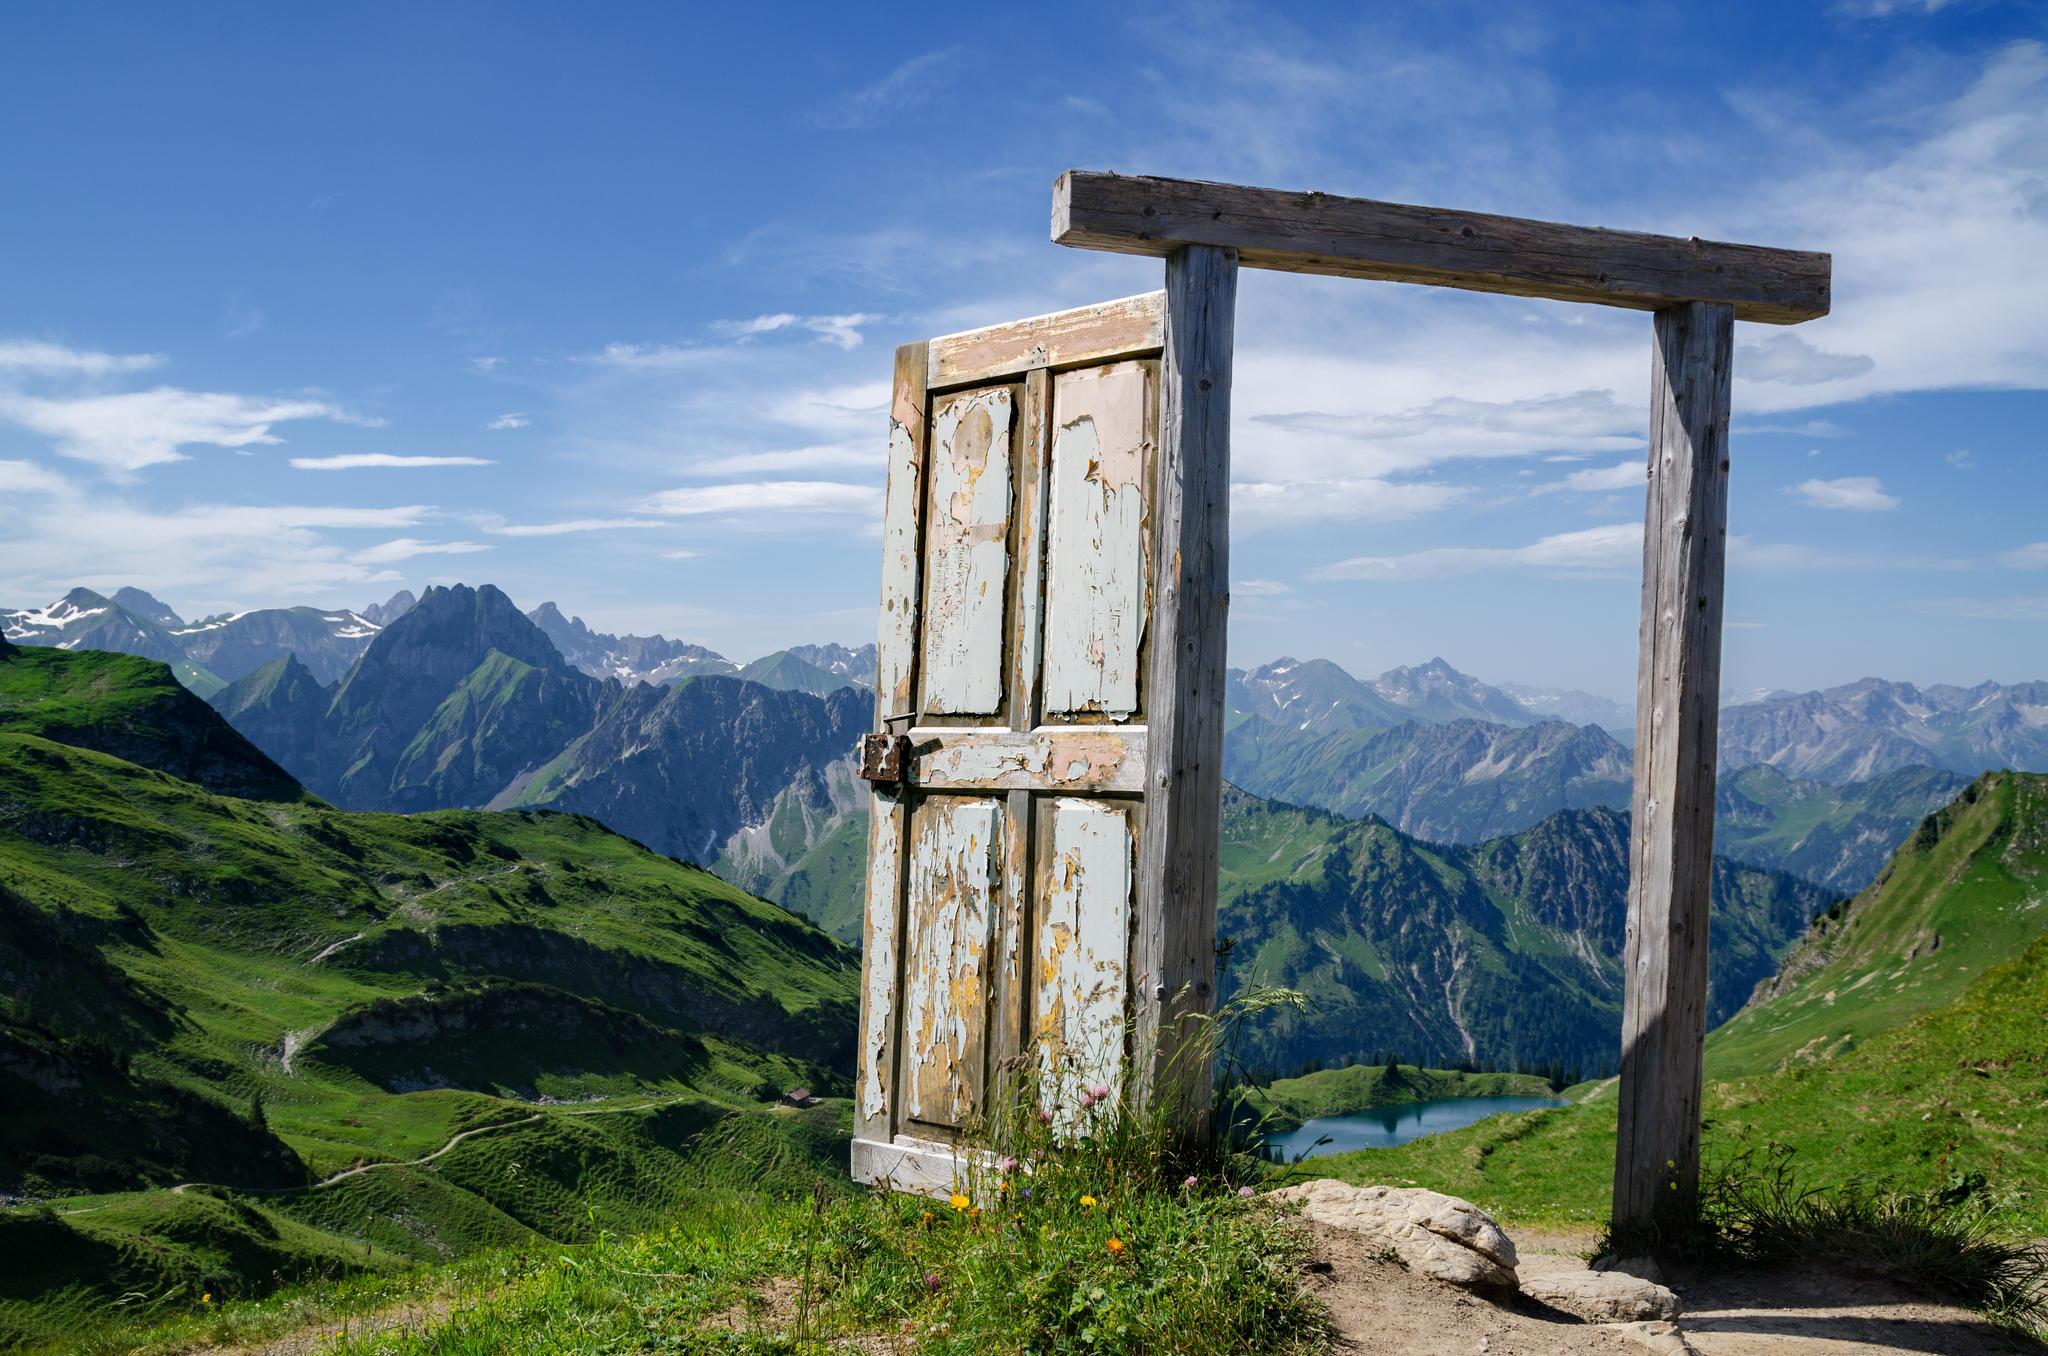 magic door & Walking Through The Magic Door u2013 Philip Carr-Gomm pezcame.com